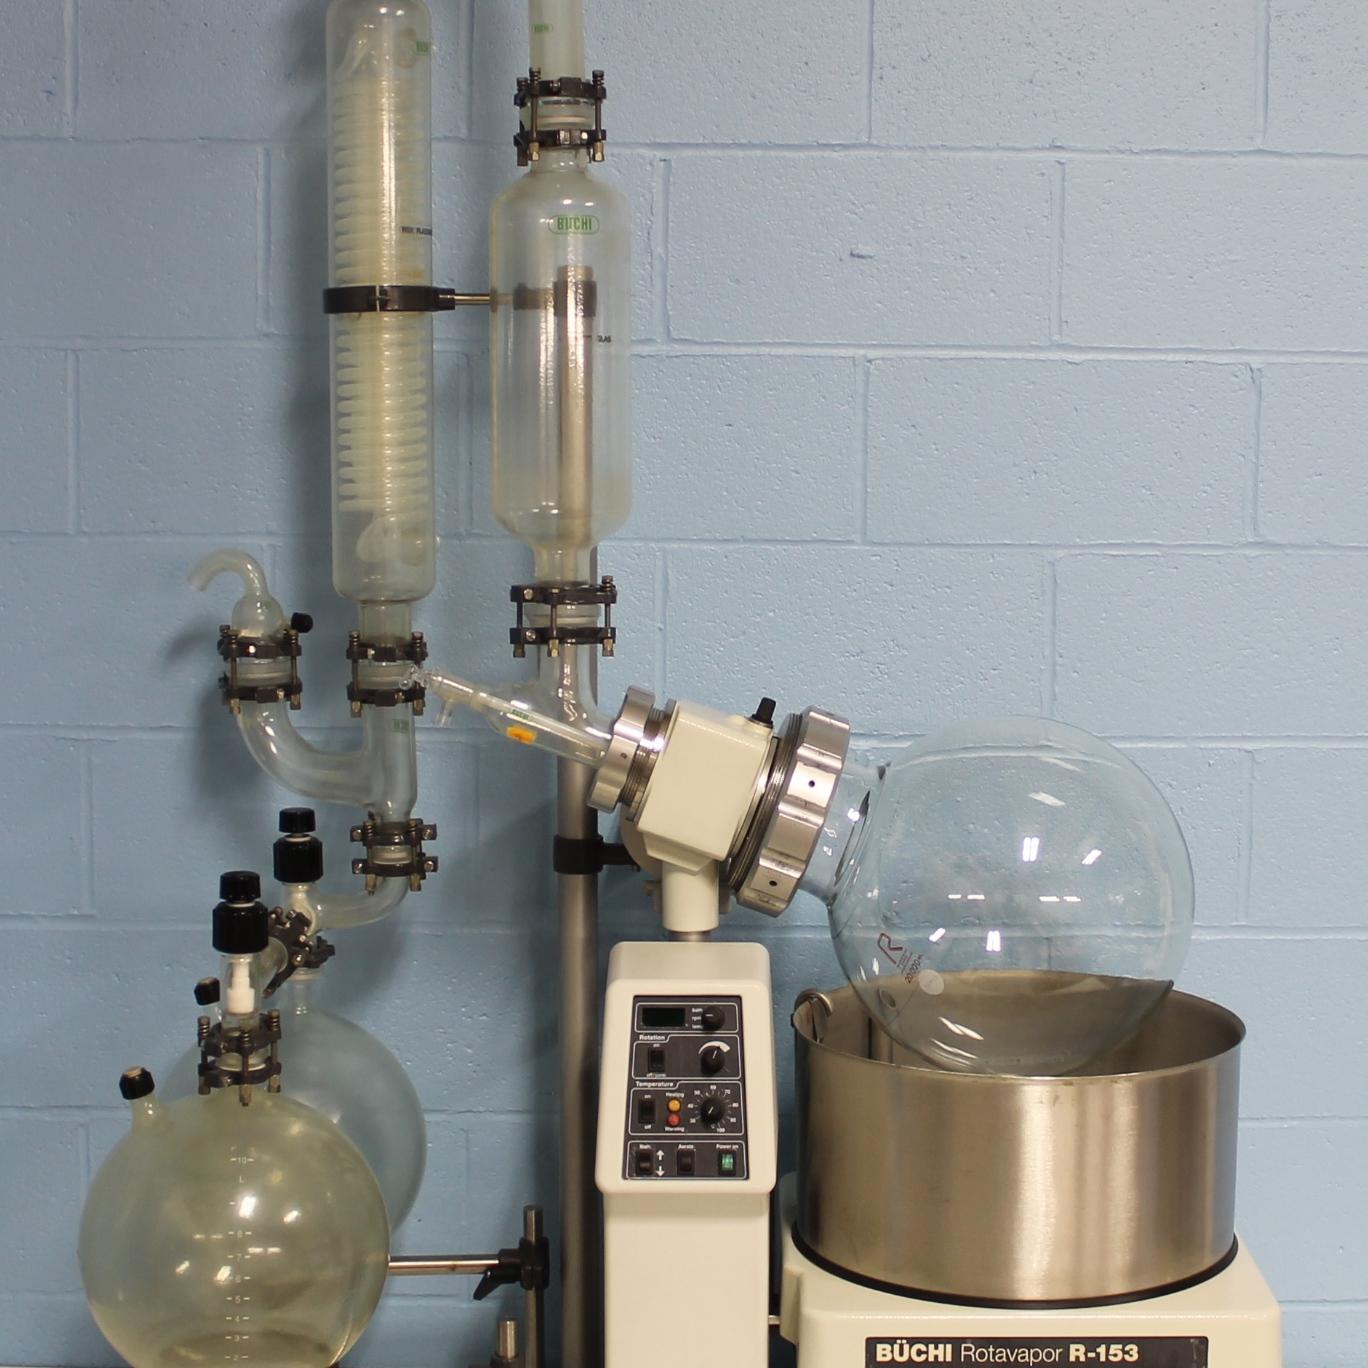 Rotavapor R-153 Evaporator System Name